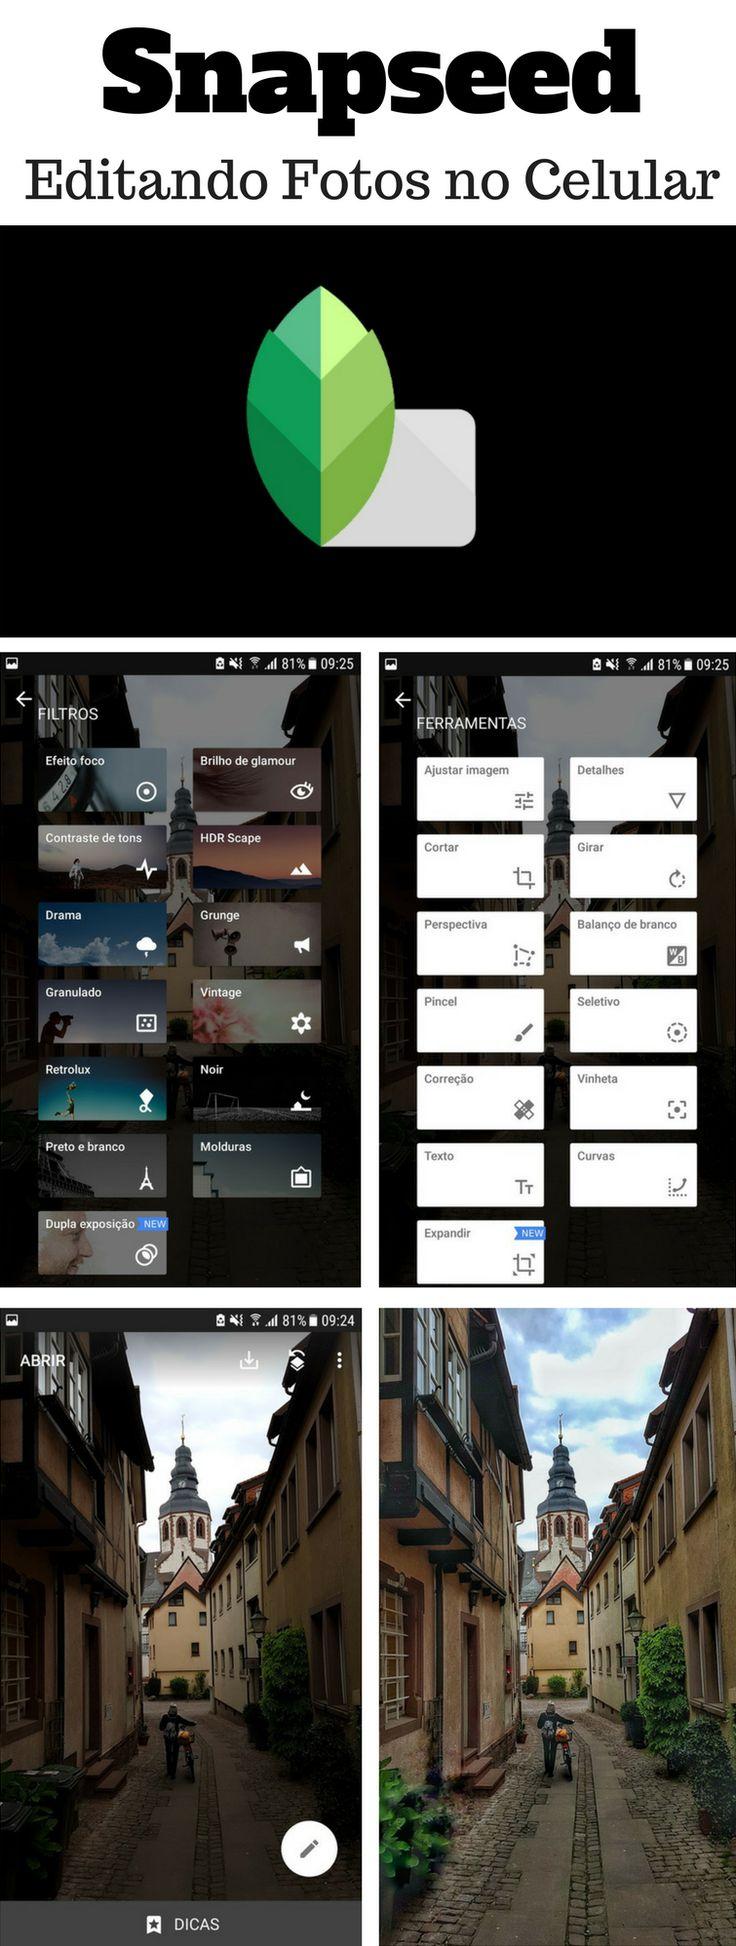 Como usar o Snapseed, o melhor App para editar e aprimorar suas fotos no celular, disponível para iPhone e Android.